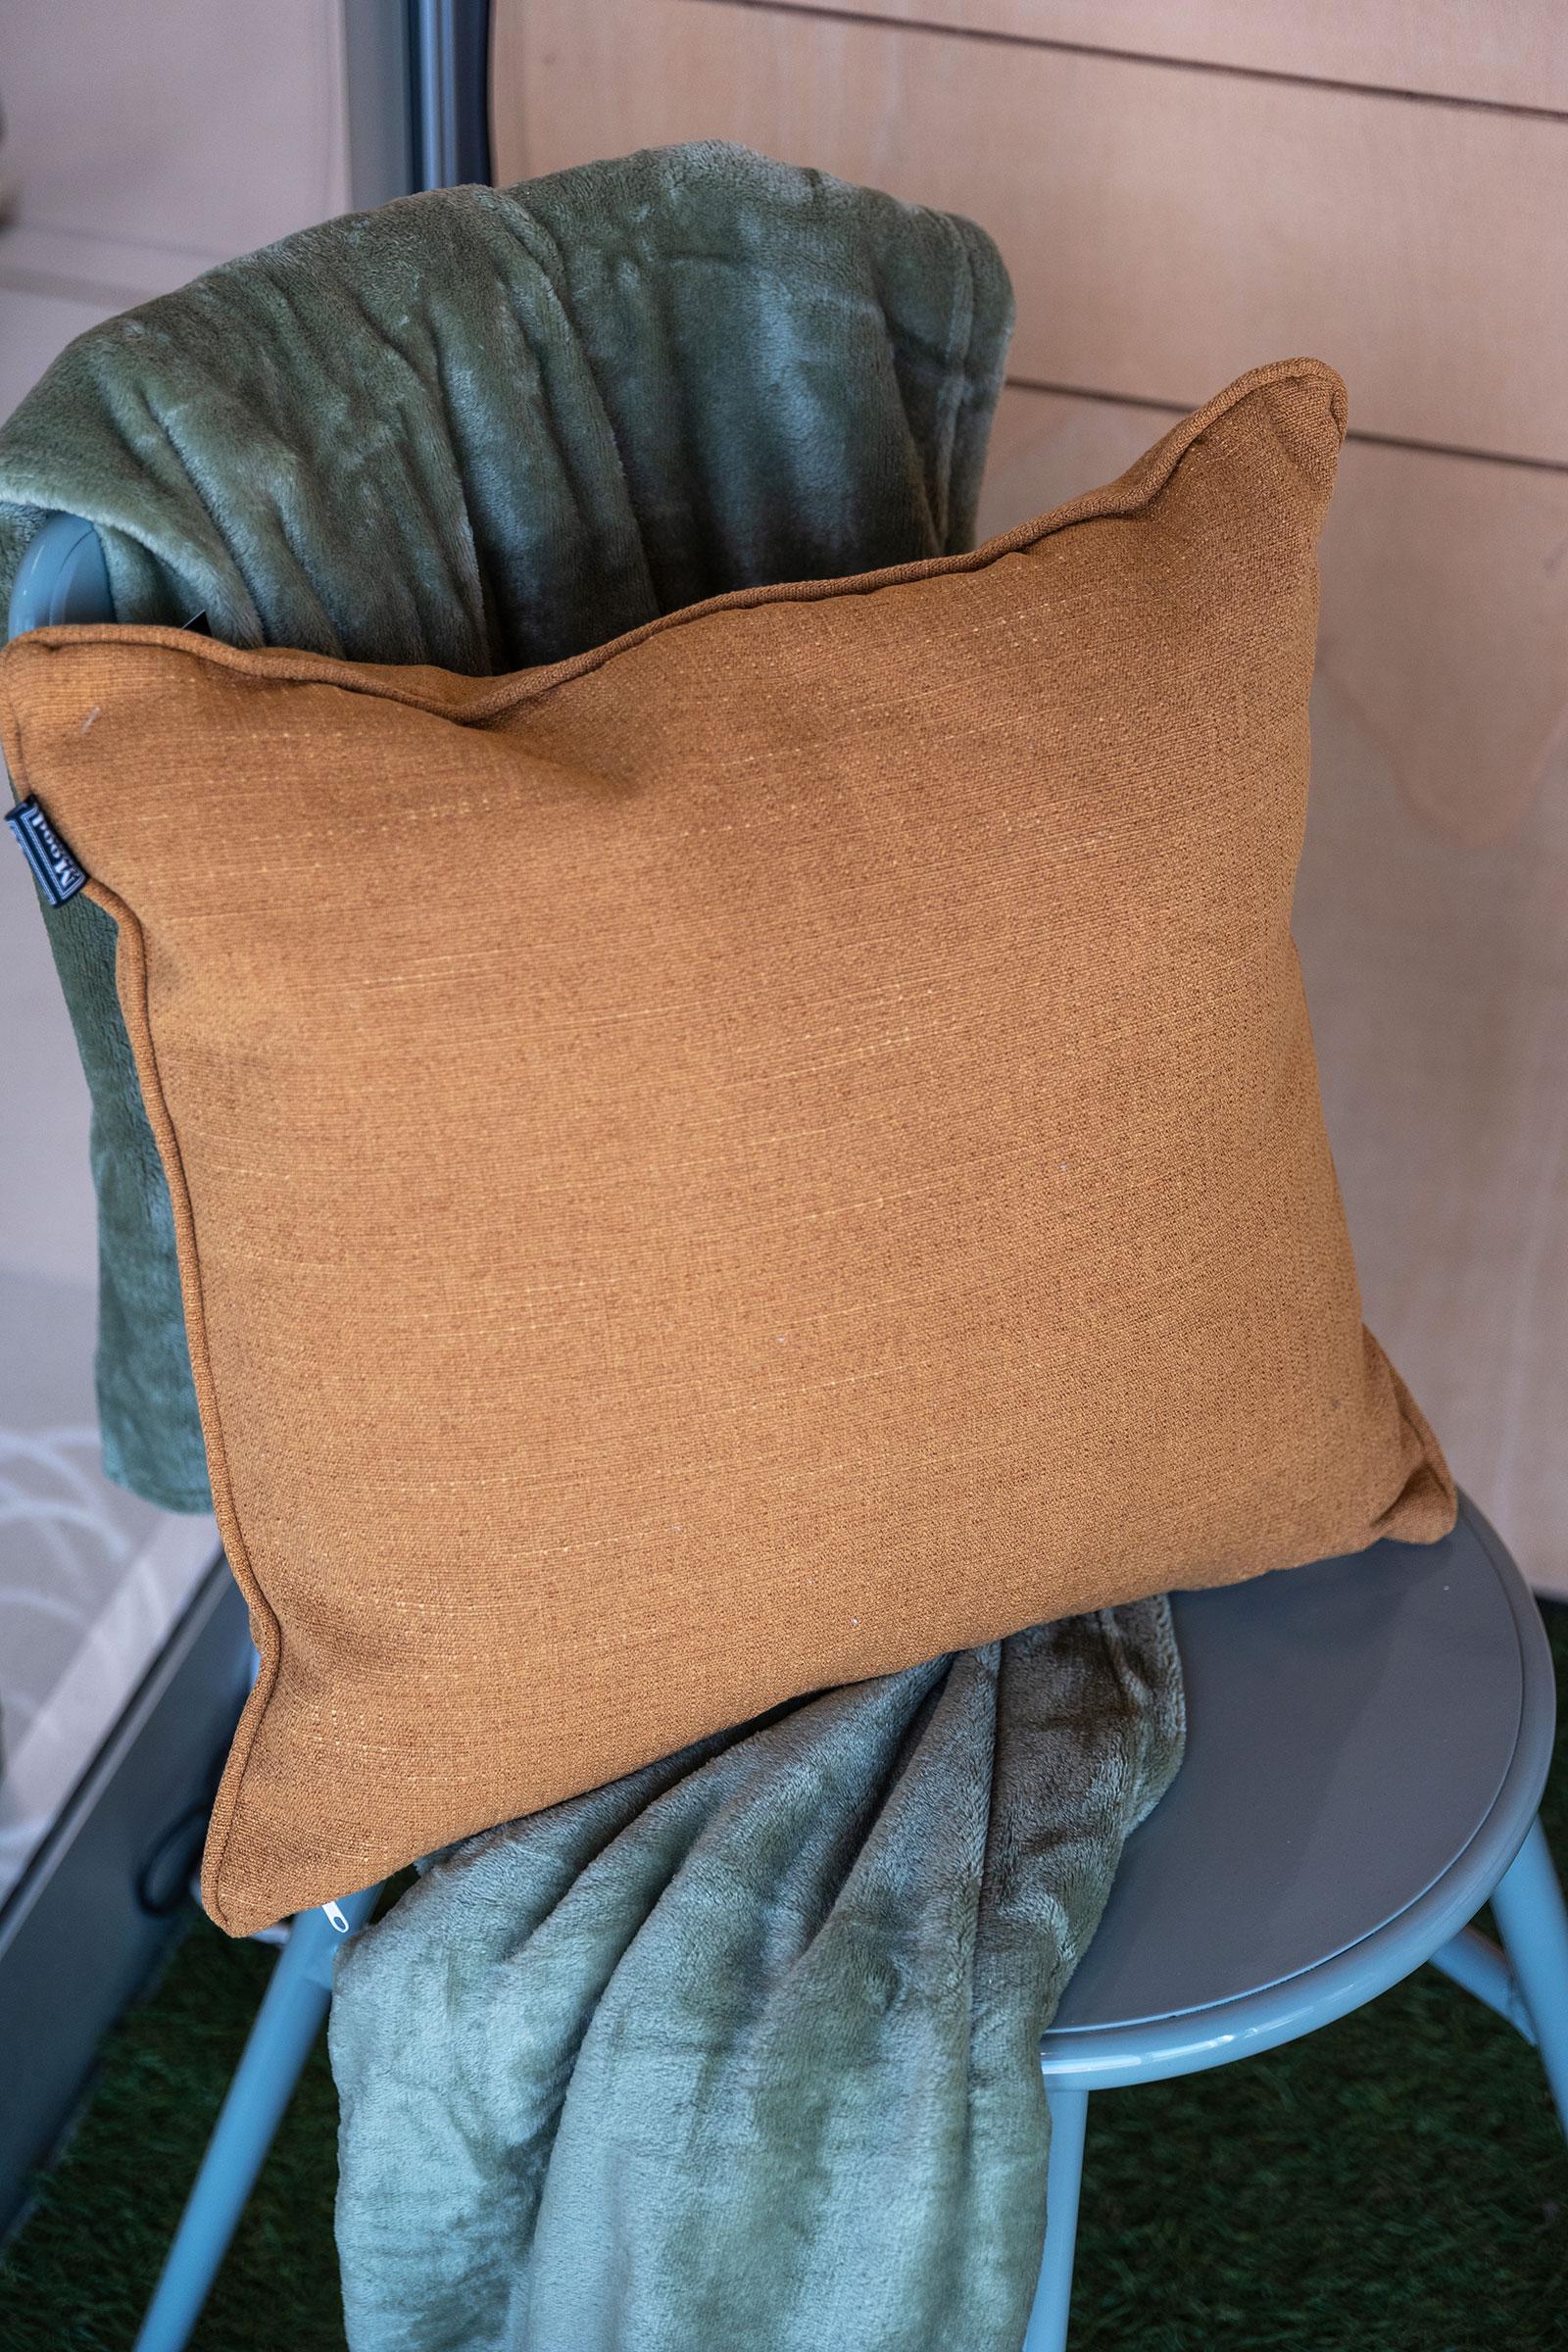 Cuscini-e-coperte-per-creare-un-angolo-caldo-e-accogliente-dallo-stile-autunno-2021